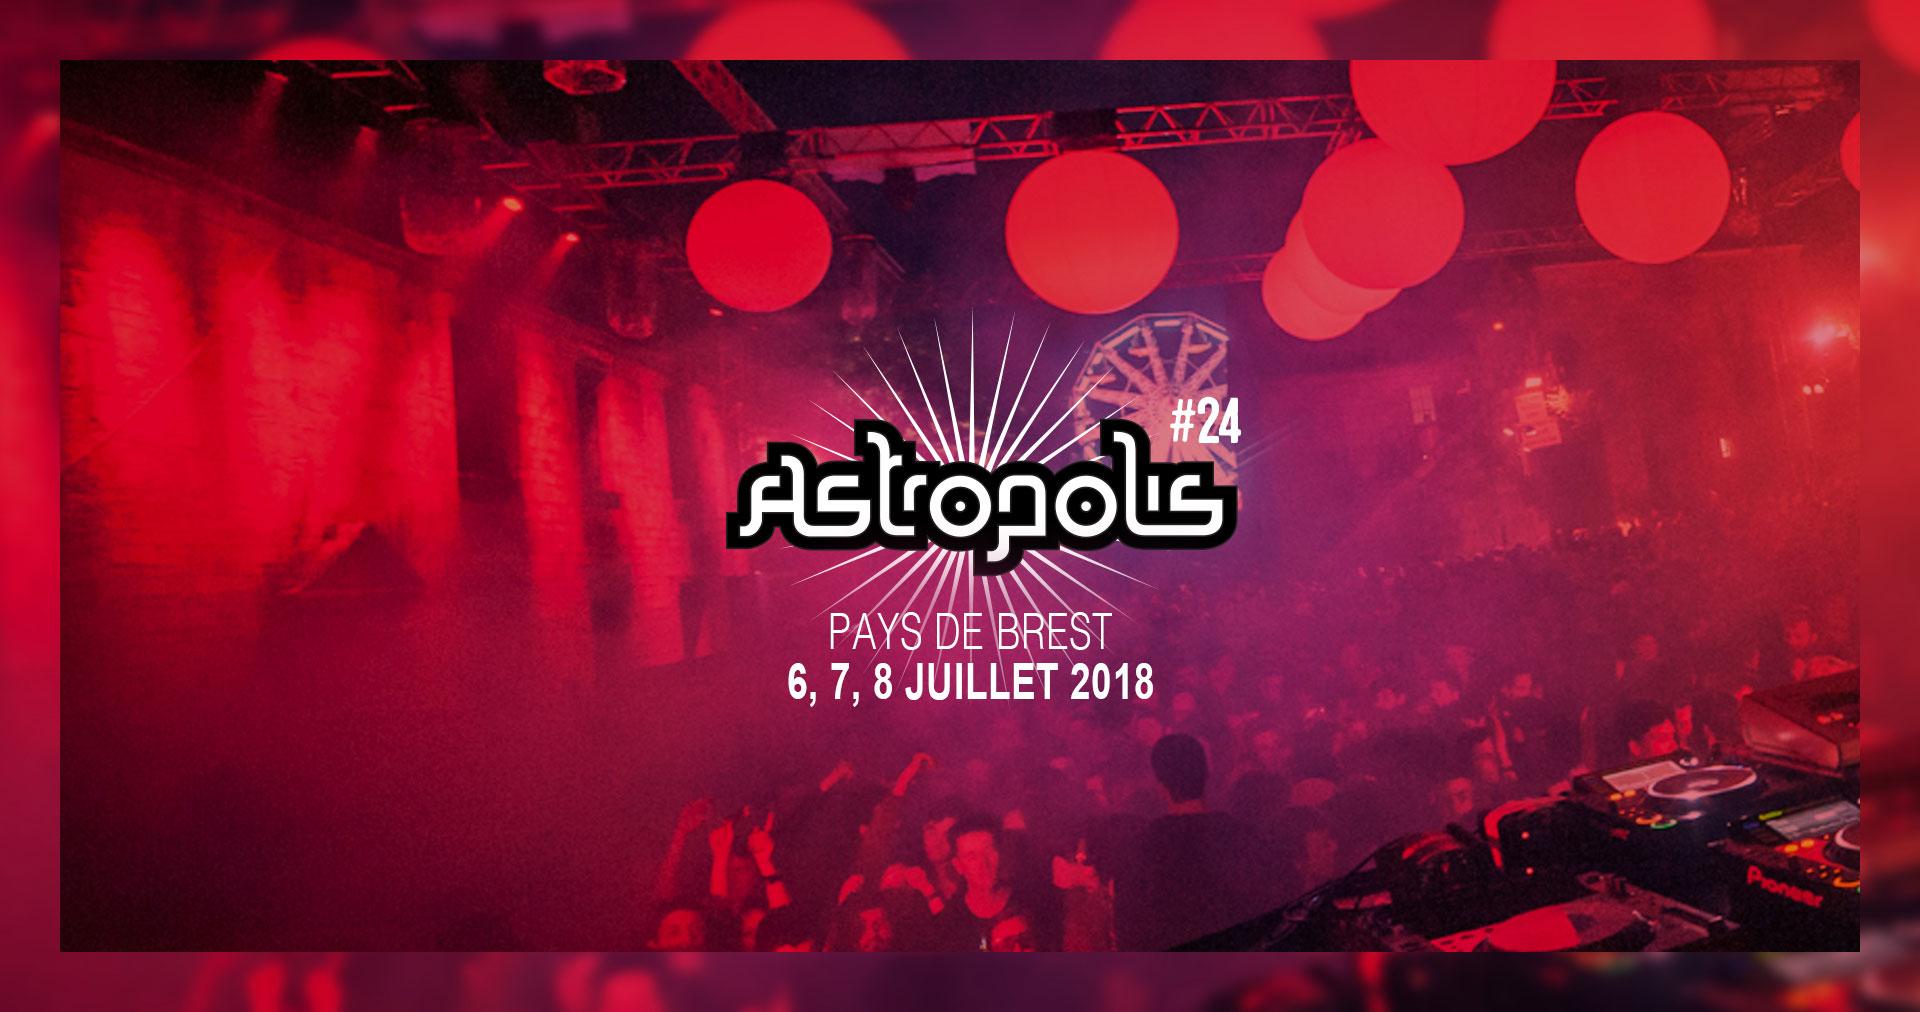 News – Festival Astropolis : 6 au 8 juillet 2018 à Brest